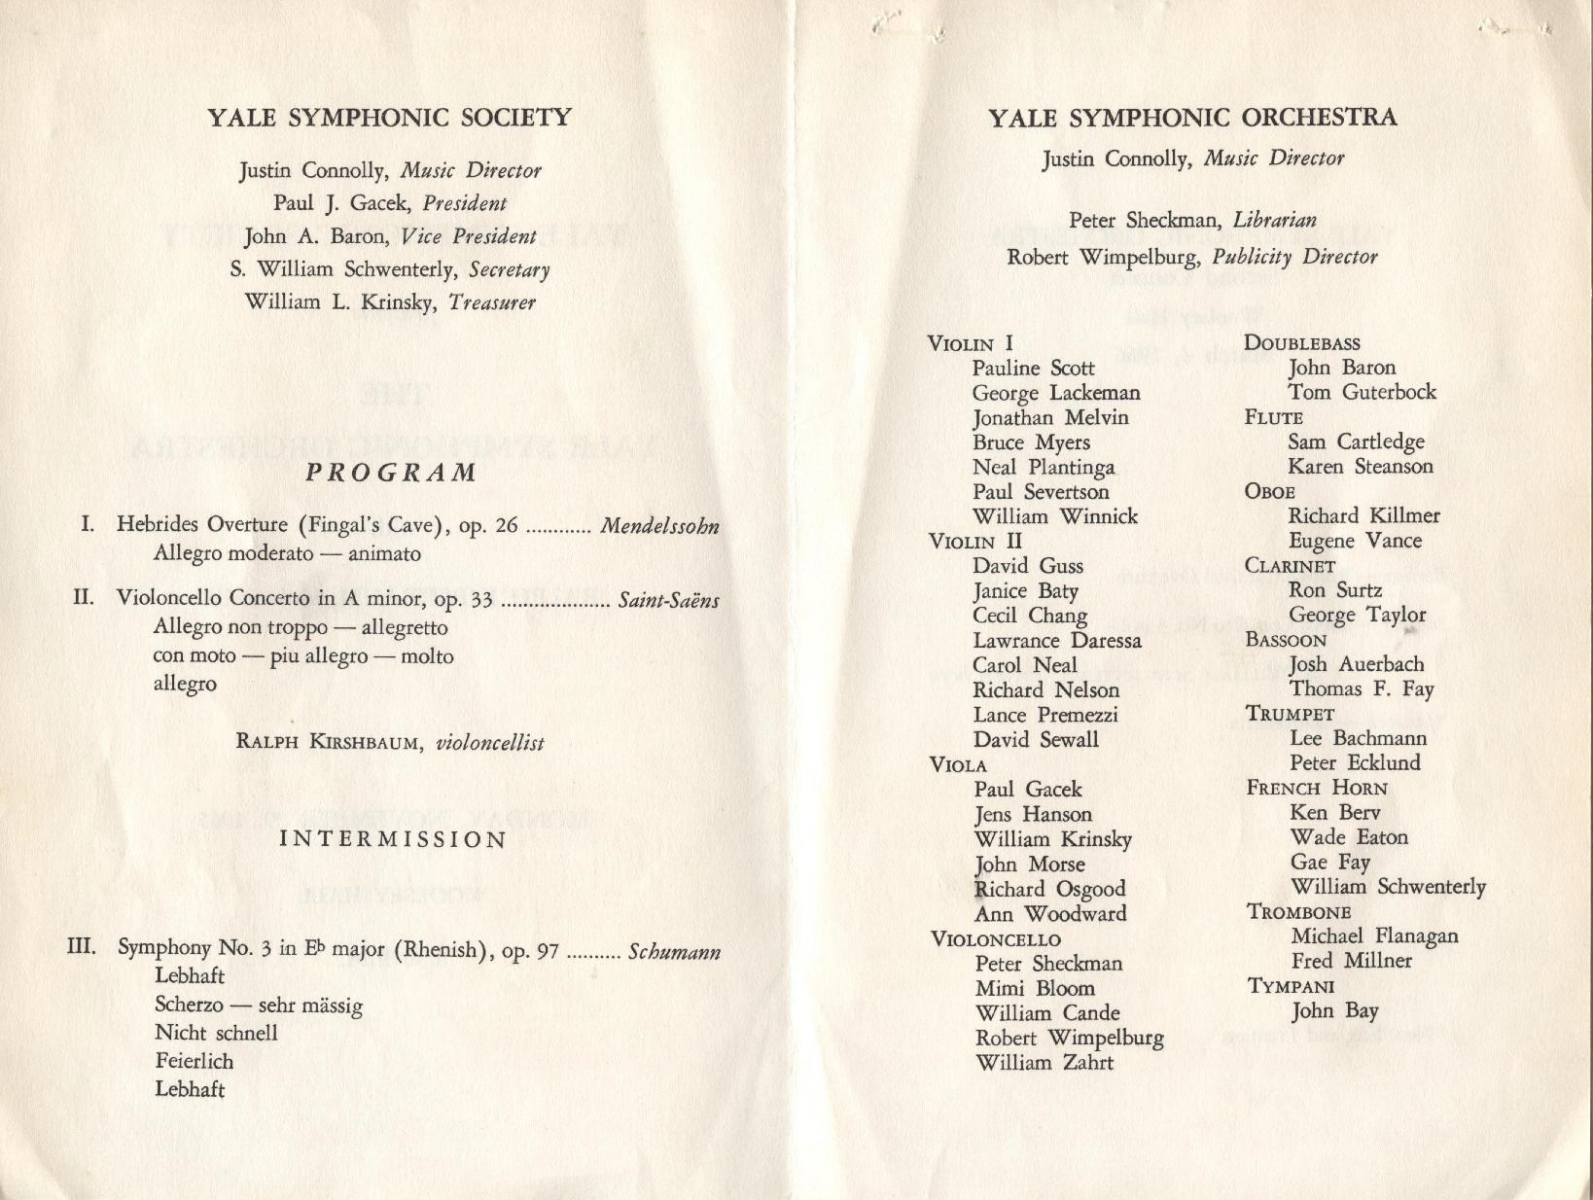 November 29, 1965 - Concert Program